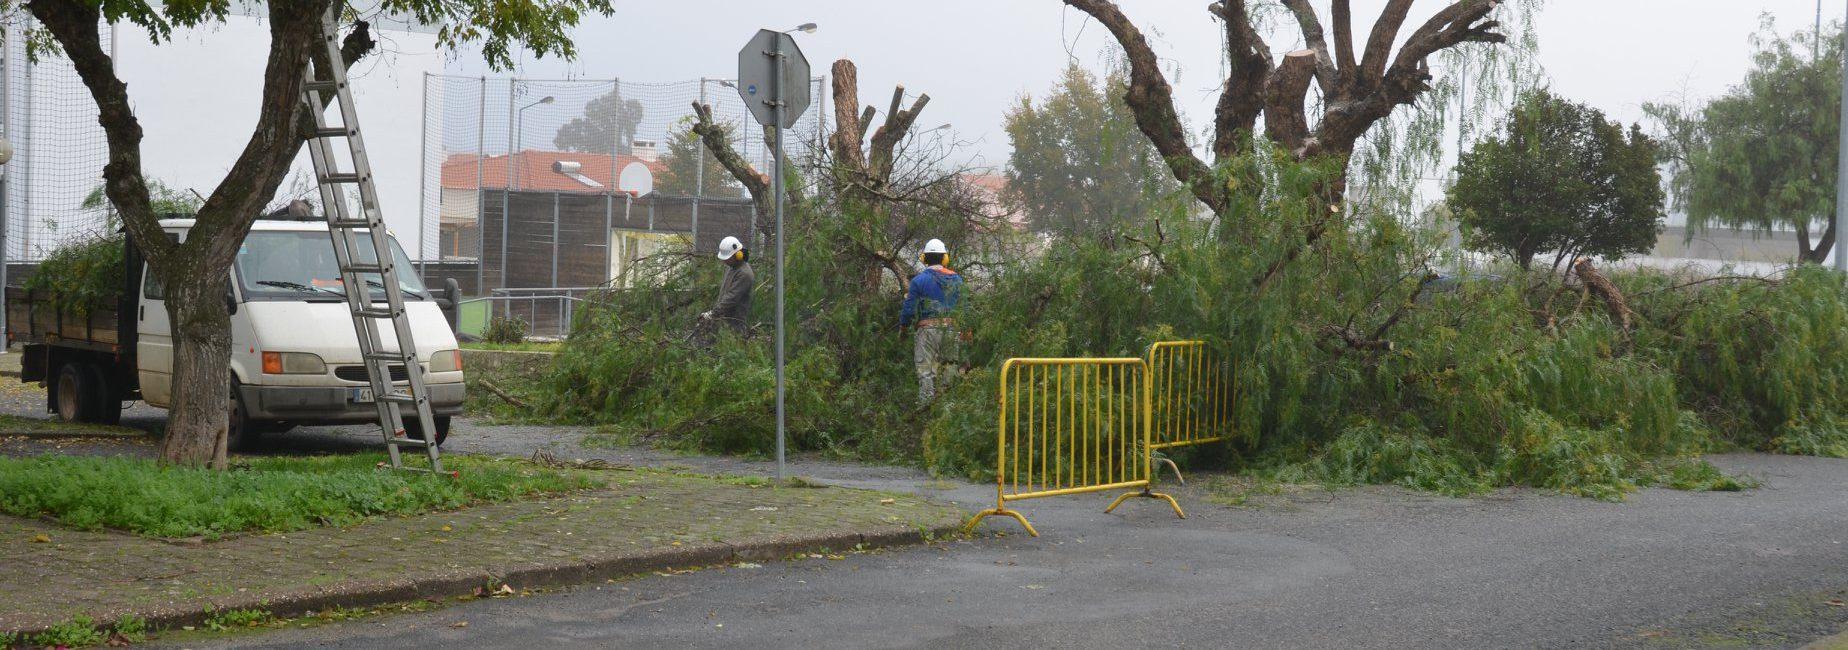 Câmara Municipal está a reabilitar as árvores da Vila